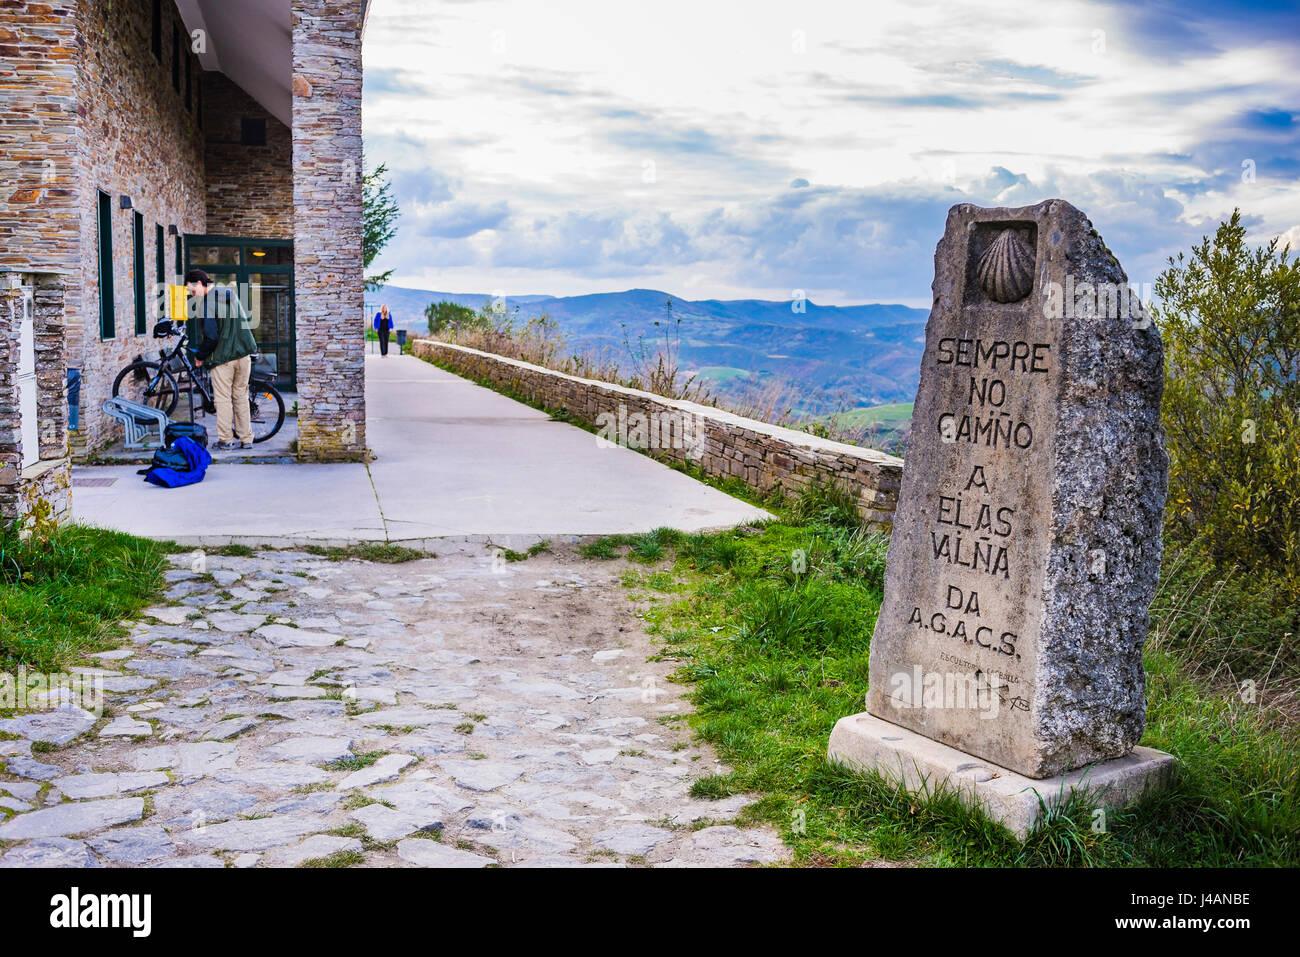 Refuge of pilgrims. O Cebreiro, Pedrafita do Cebreiro, Lugo, Galicia, Spain, Europe - Stock Image